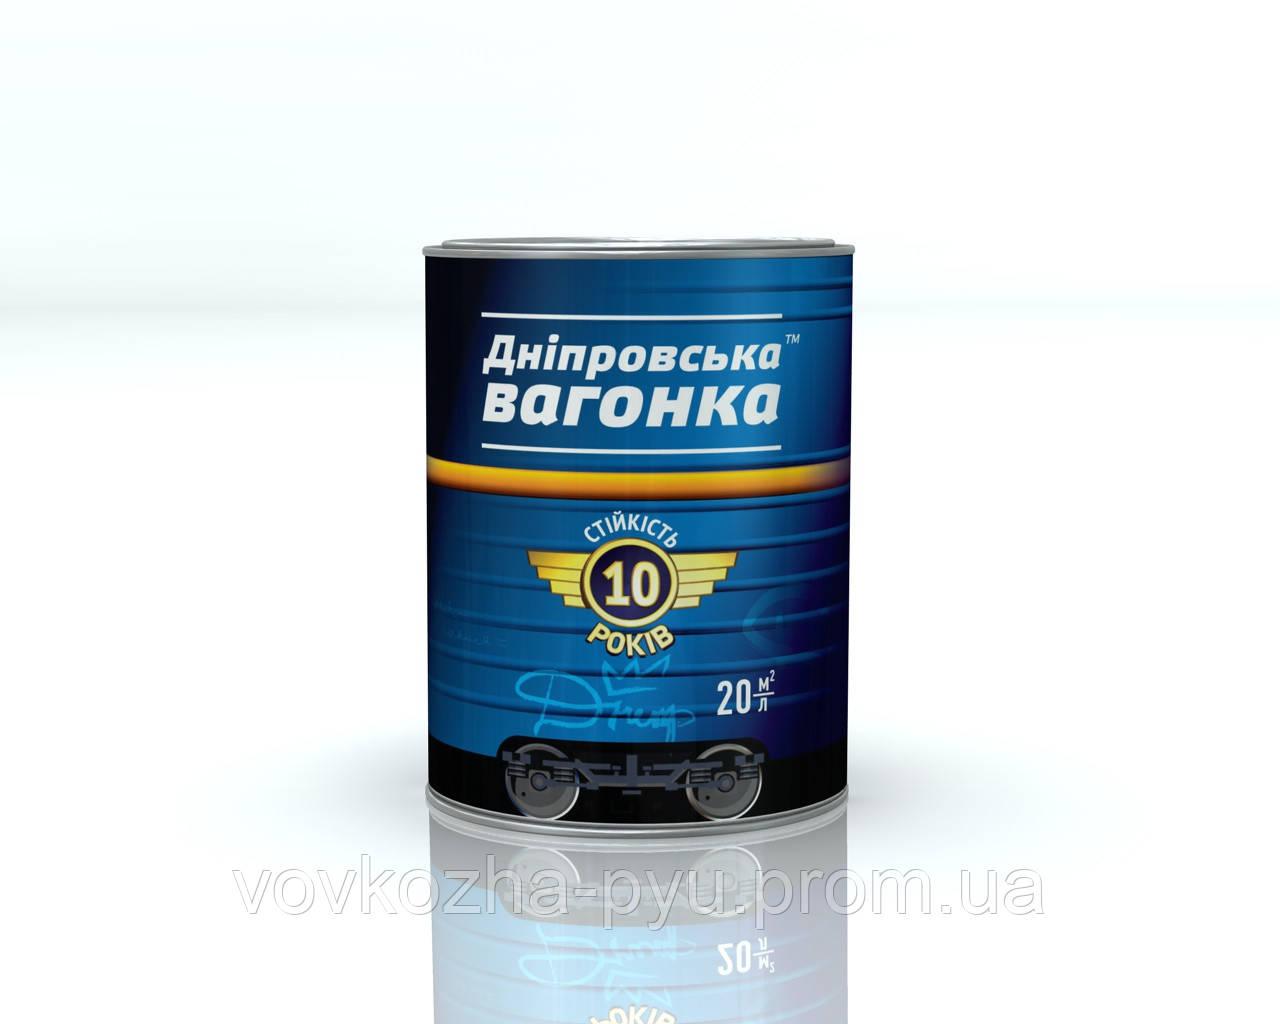 Эмаль Днепровская Вагонка ПФ-133 красный лак 2.3 кг